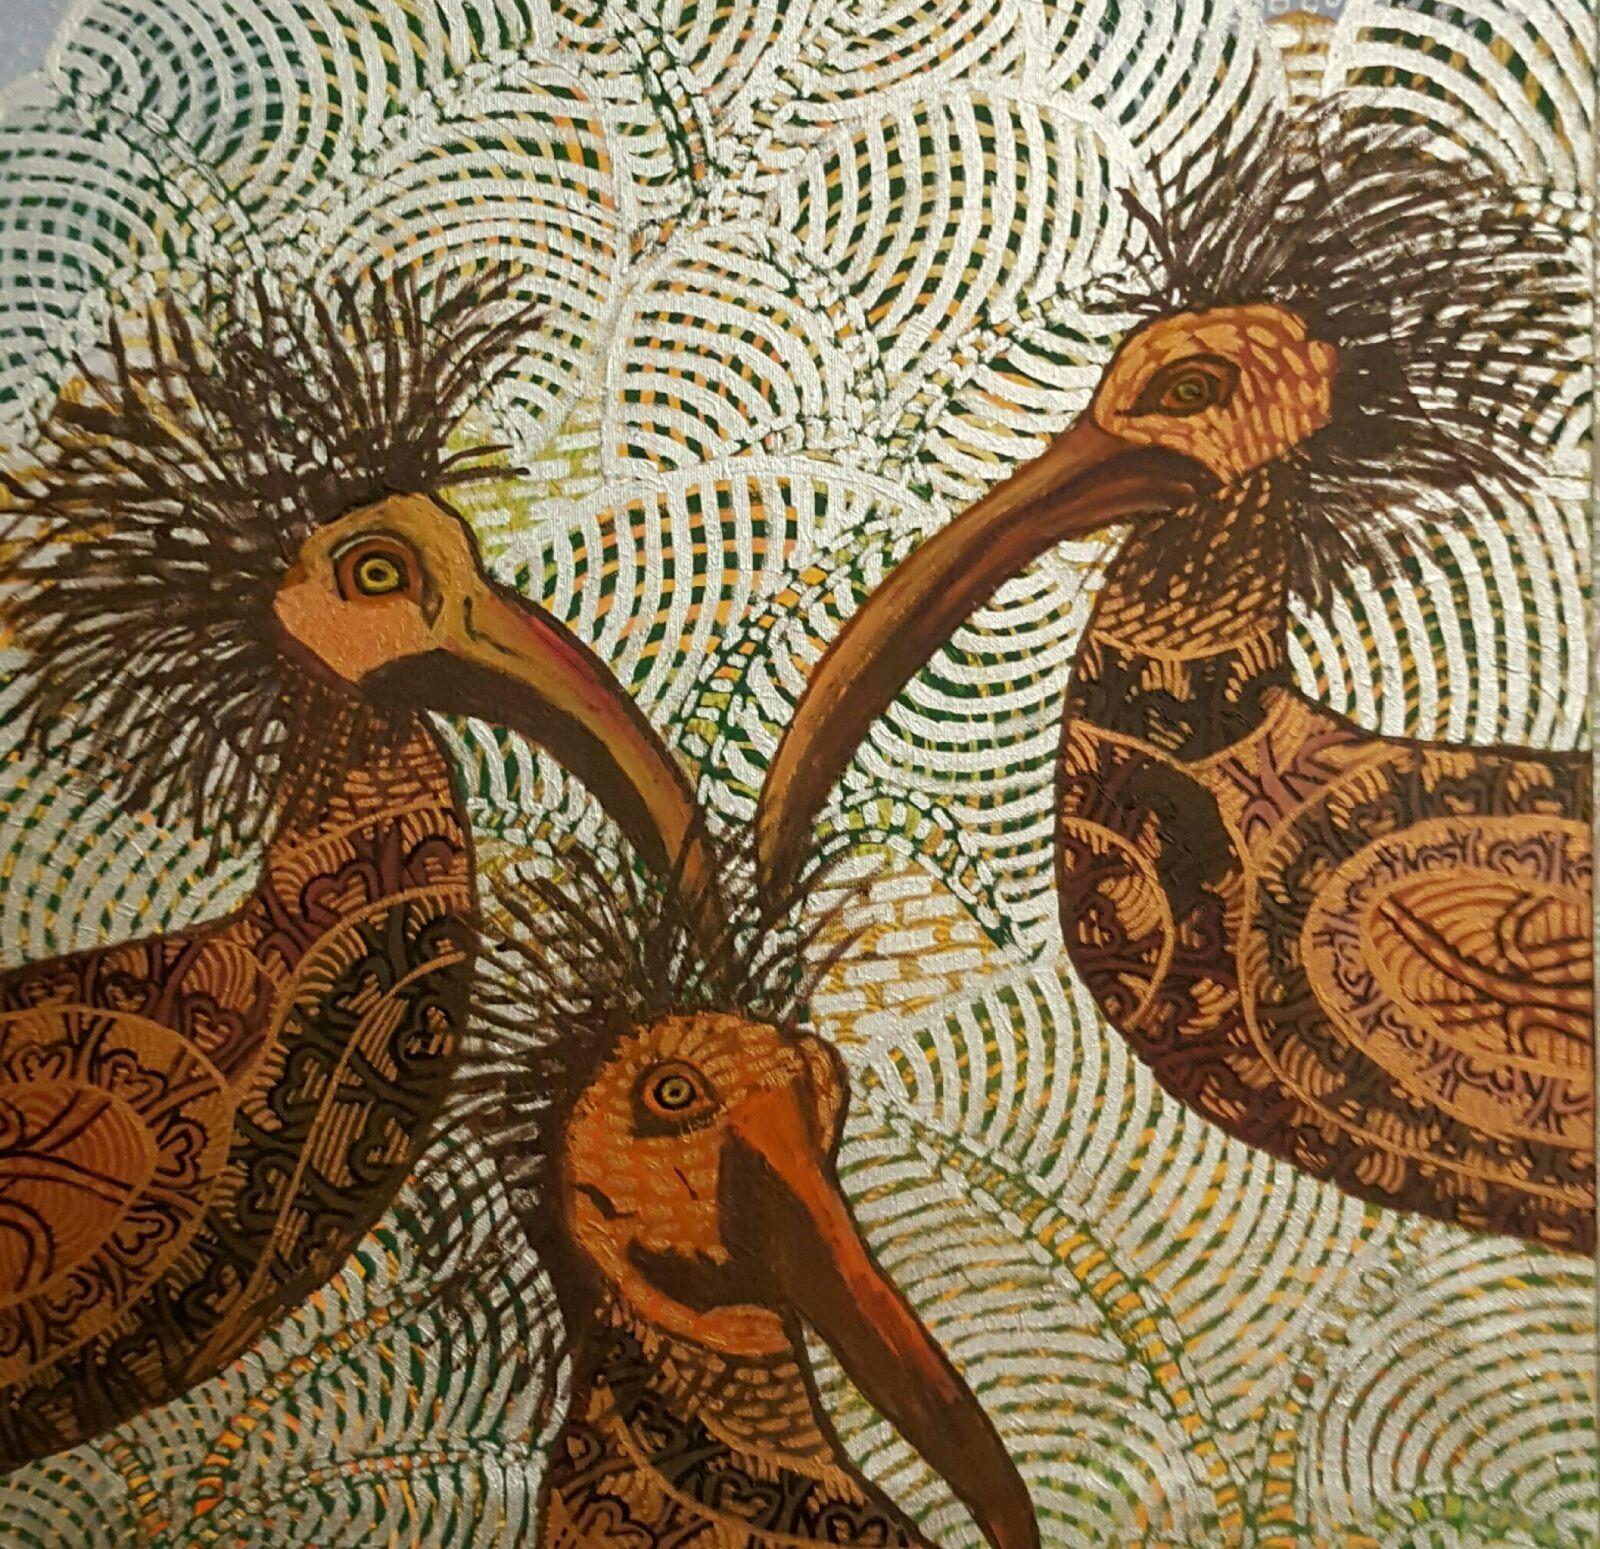 BaumSchrapnells (birds)